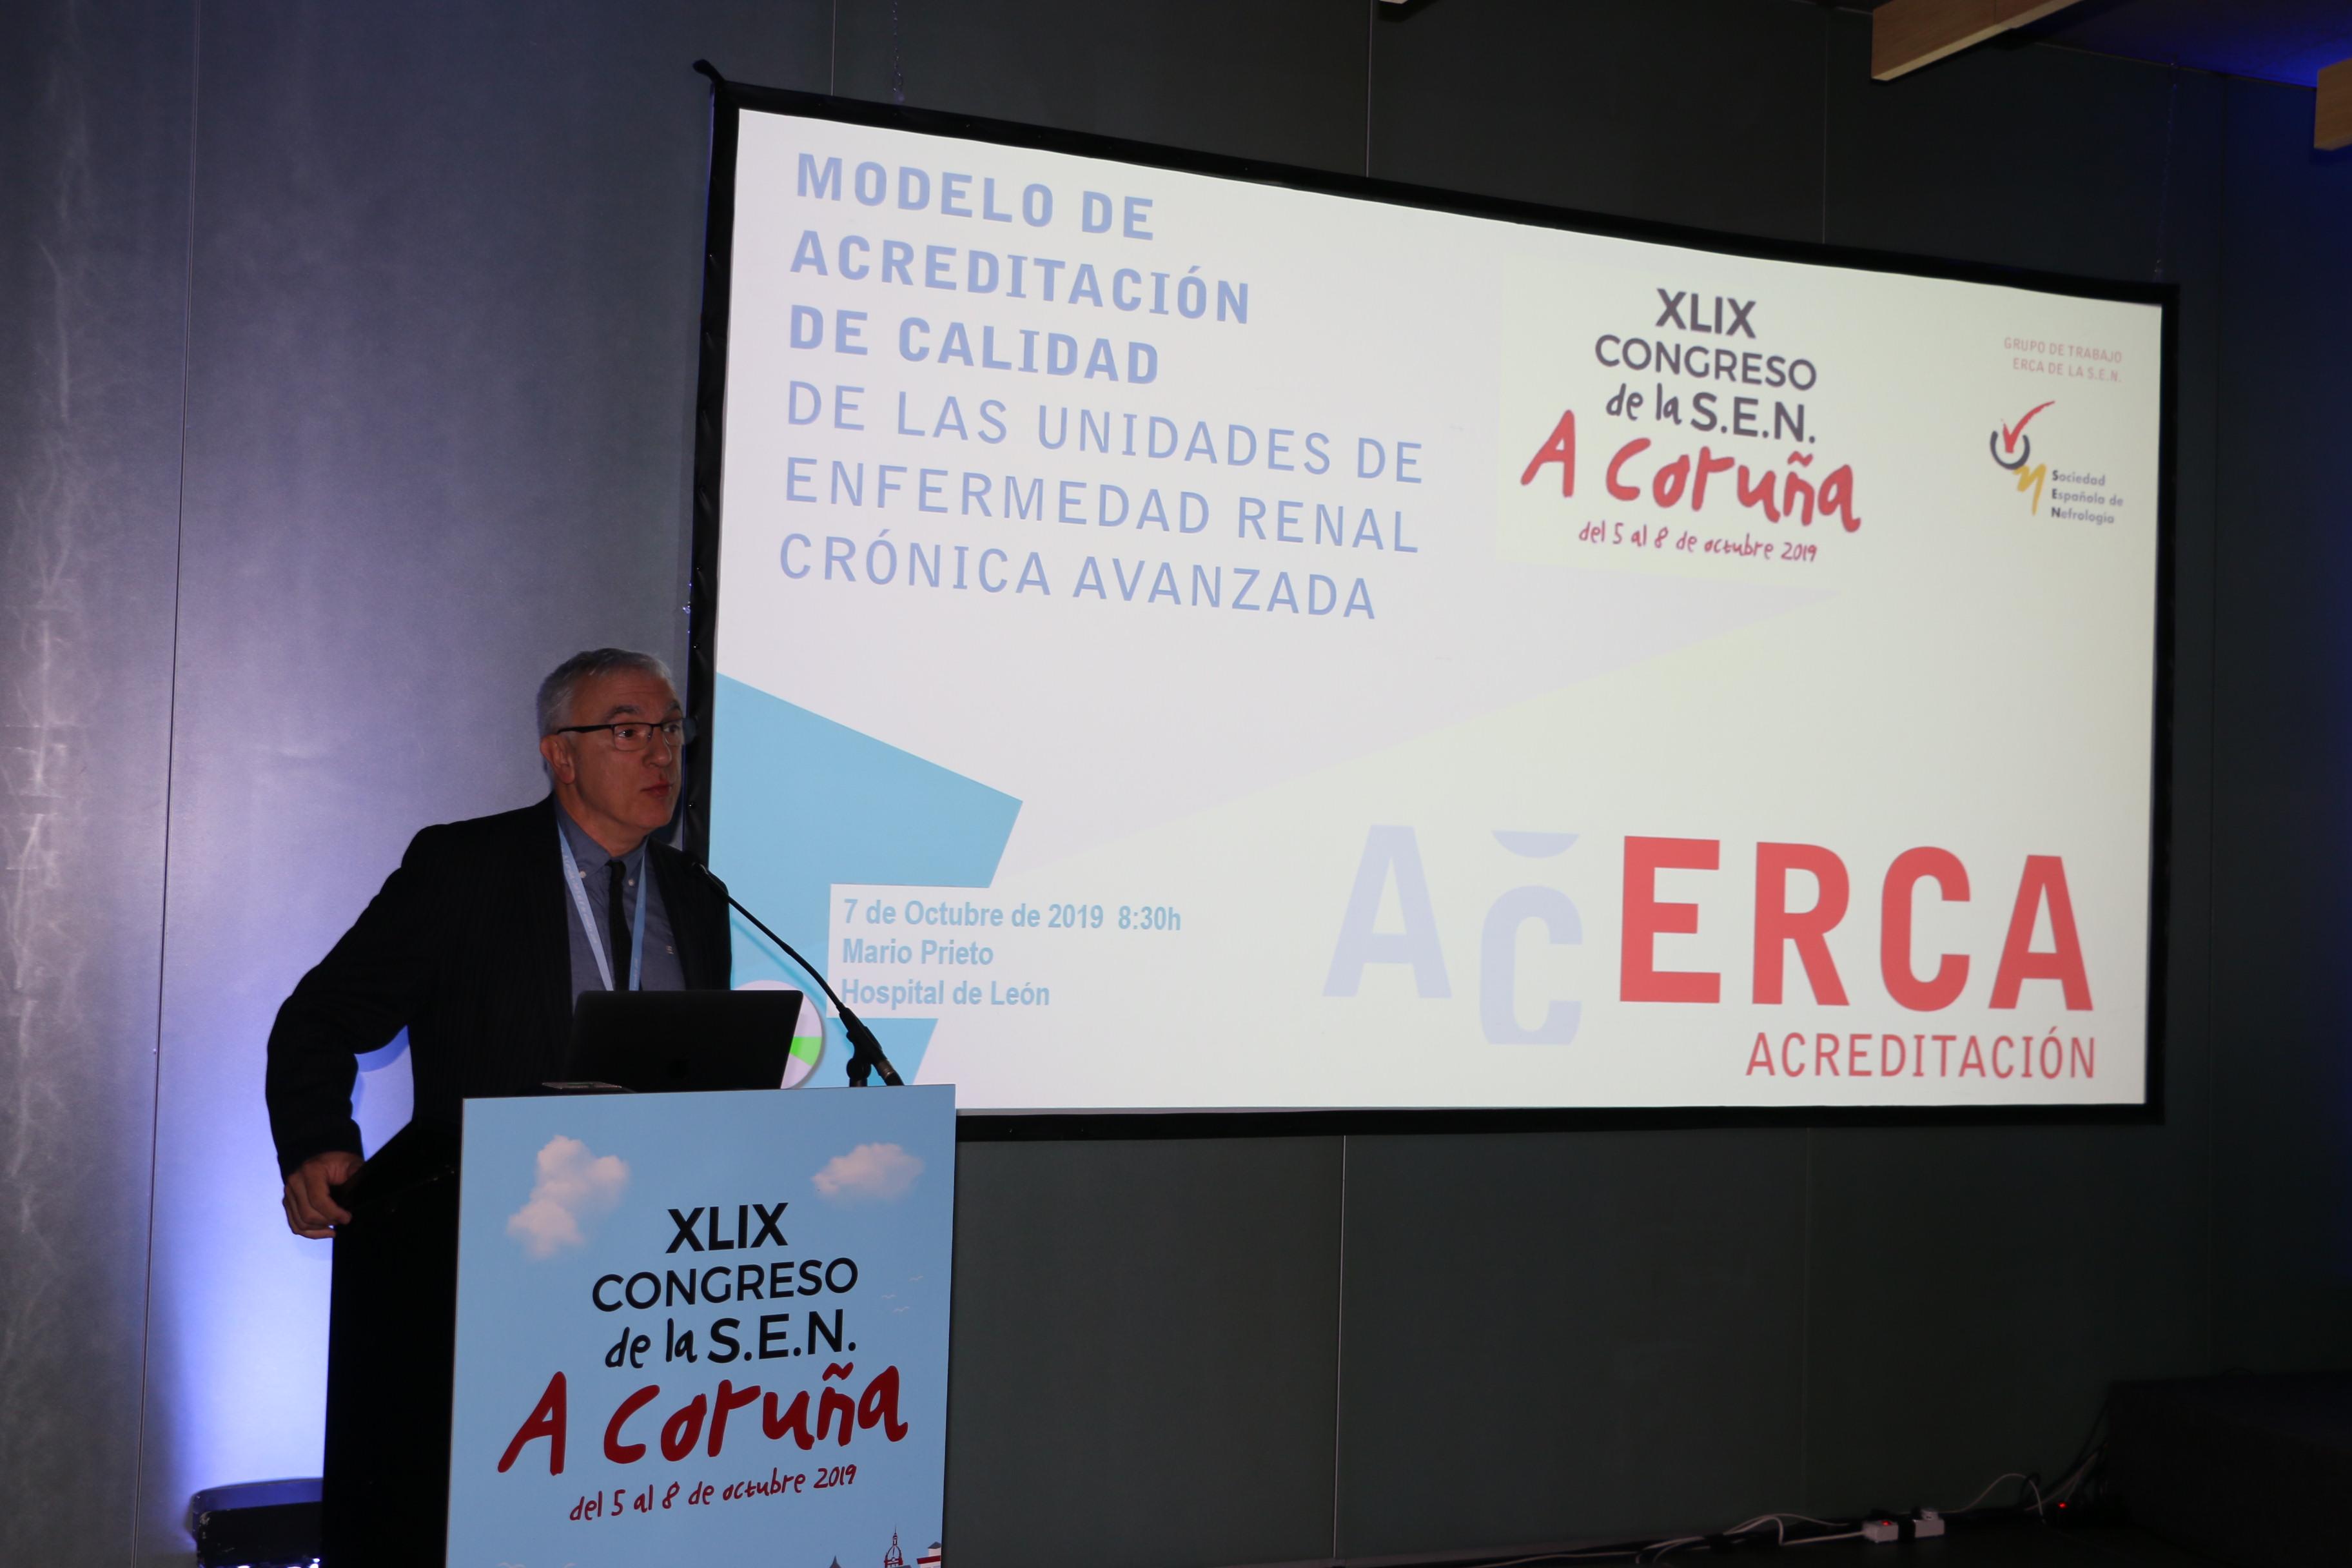 El Hospital Universitario Infanta Leonor pilota, junto a otros 6 hospitales españoles, un modelo de excelencia para mejorar la atención al paciente con Enfermedad Renal Crónica Avanzada